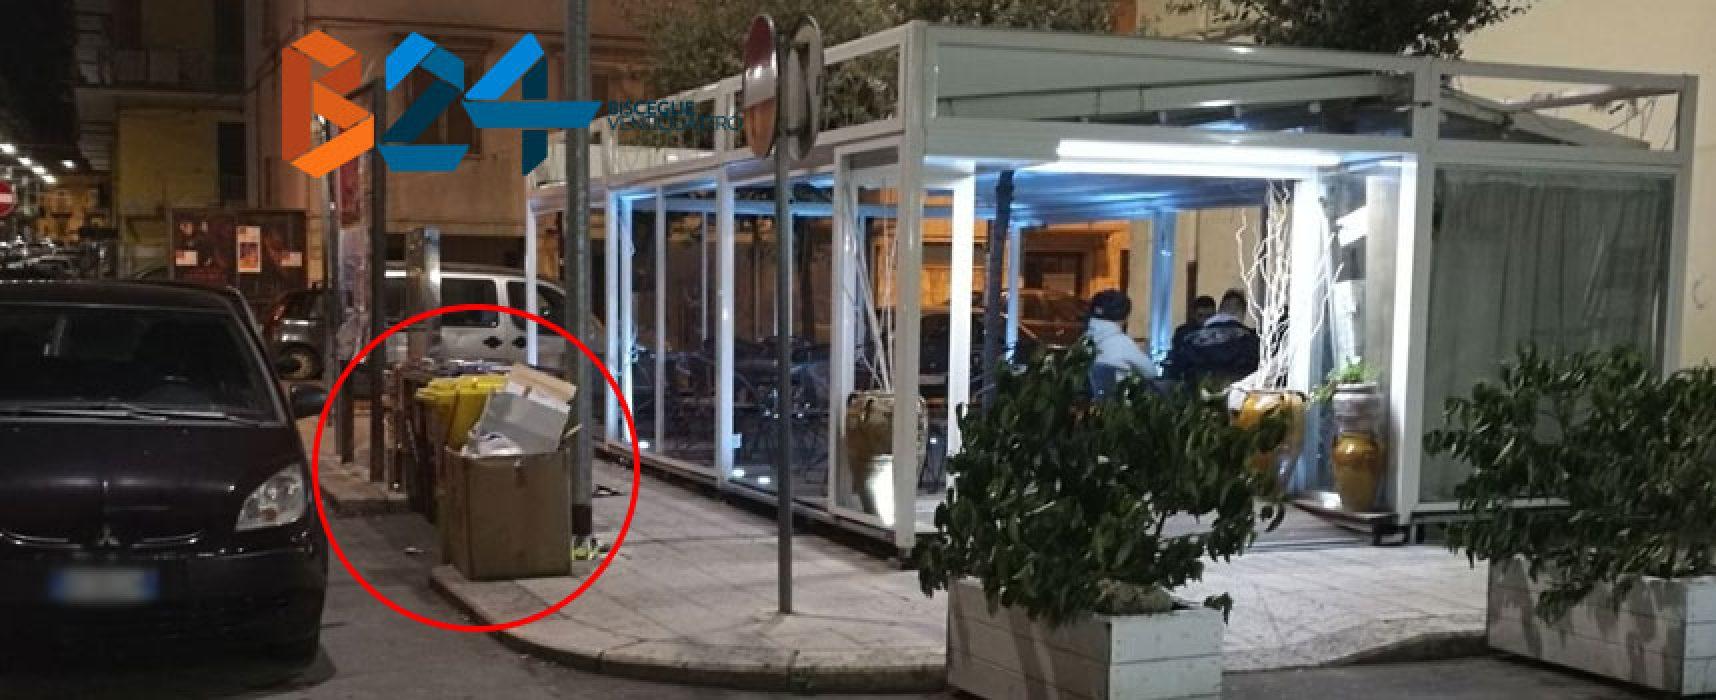 """Bar Helsinki, Pietro Casella: """"Spettacolare paradosso amministrativo, la verità parla chiaro!"""""""